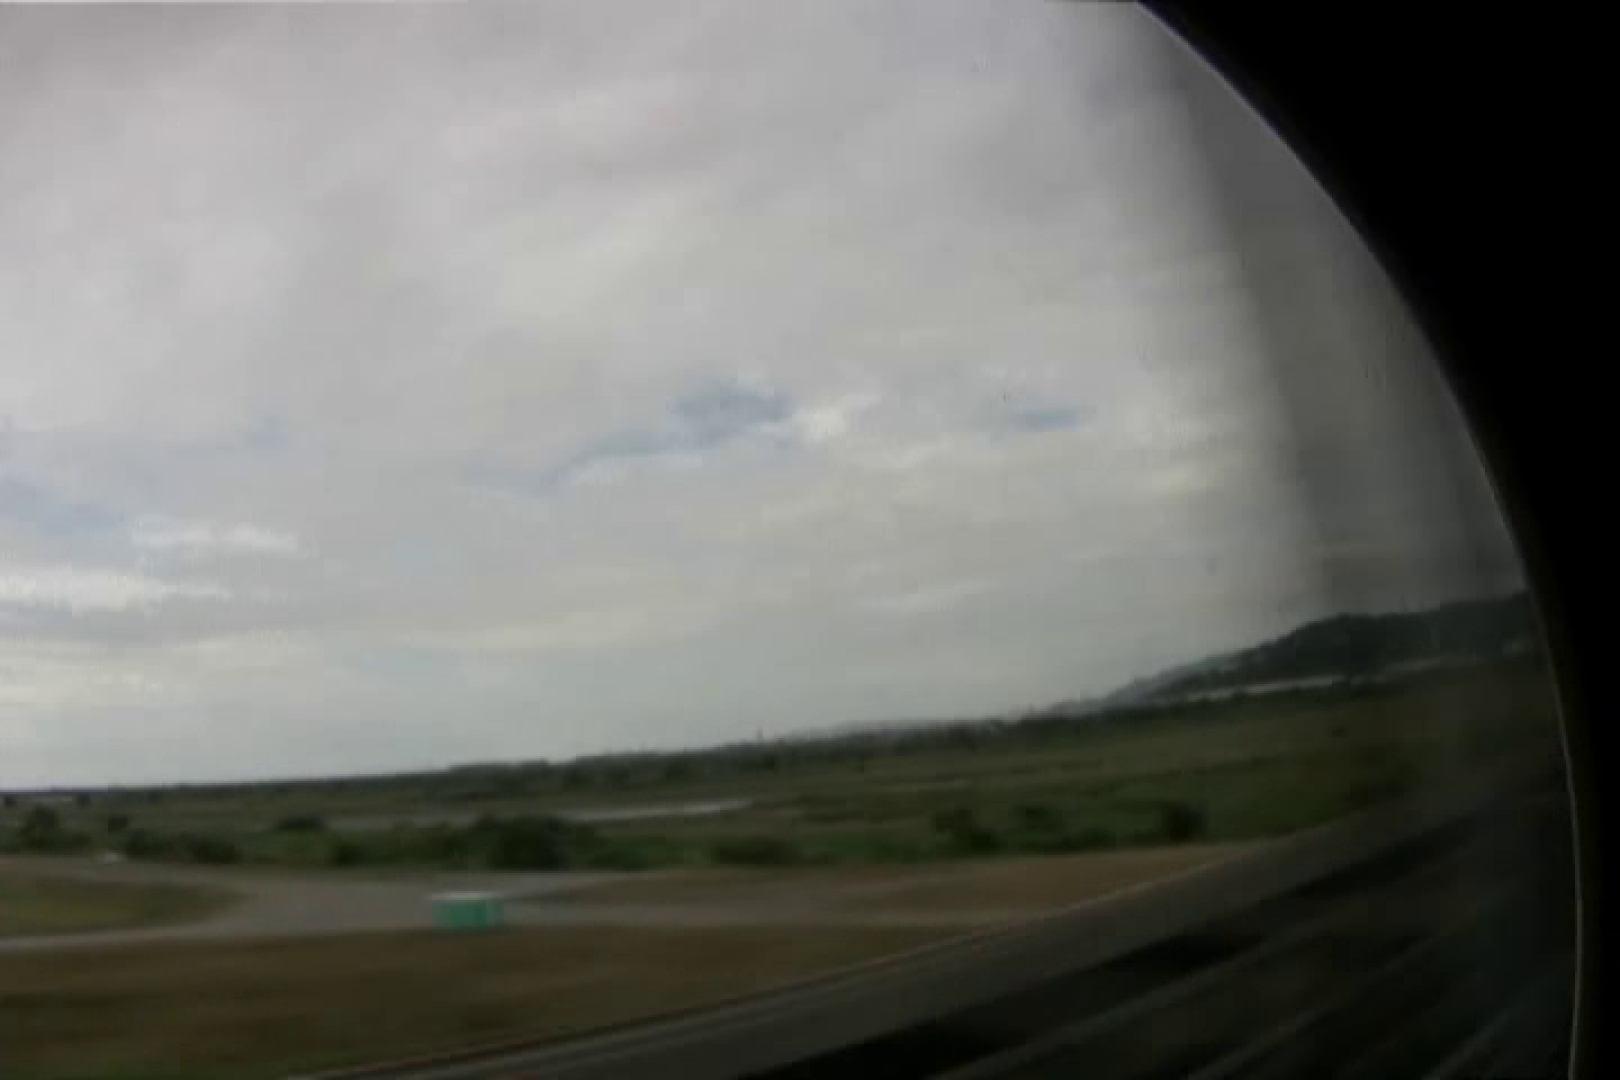 素人ナンパ本番撮り!出会い系でGET!Vol.01 素人丸裸 おめこ無修正動画無料 85pic 4